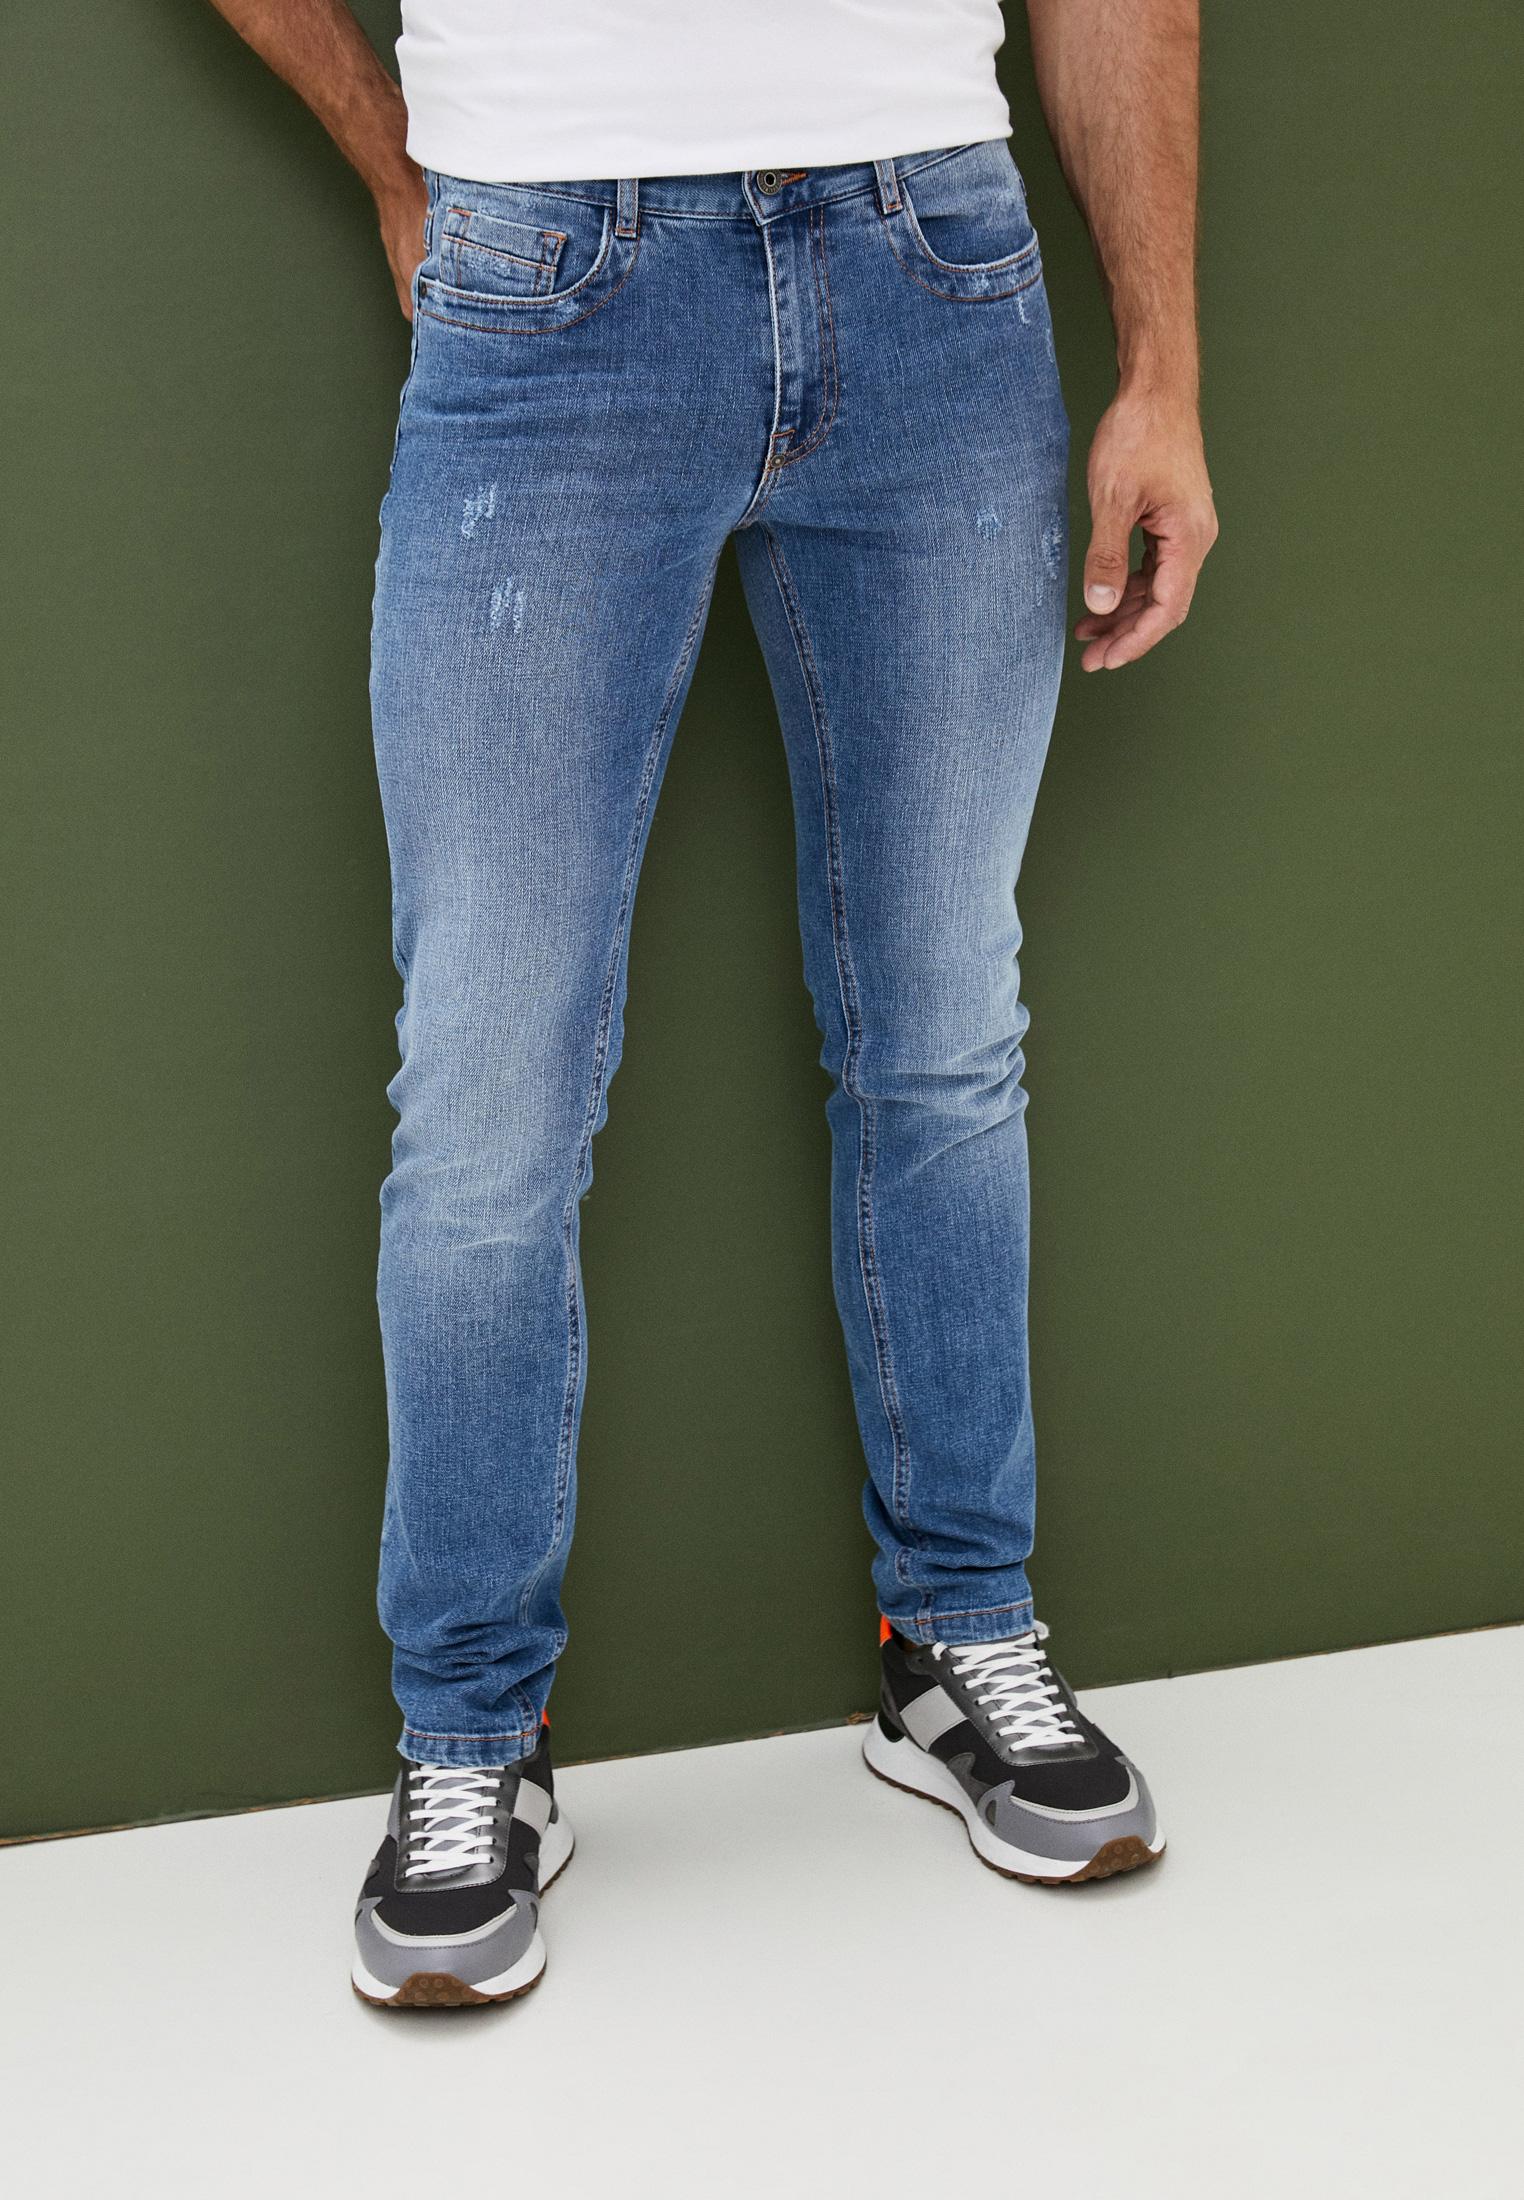 Зауженные джинсы Bikkembergs C Q 101 03 S 3393: изображение 7